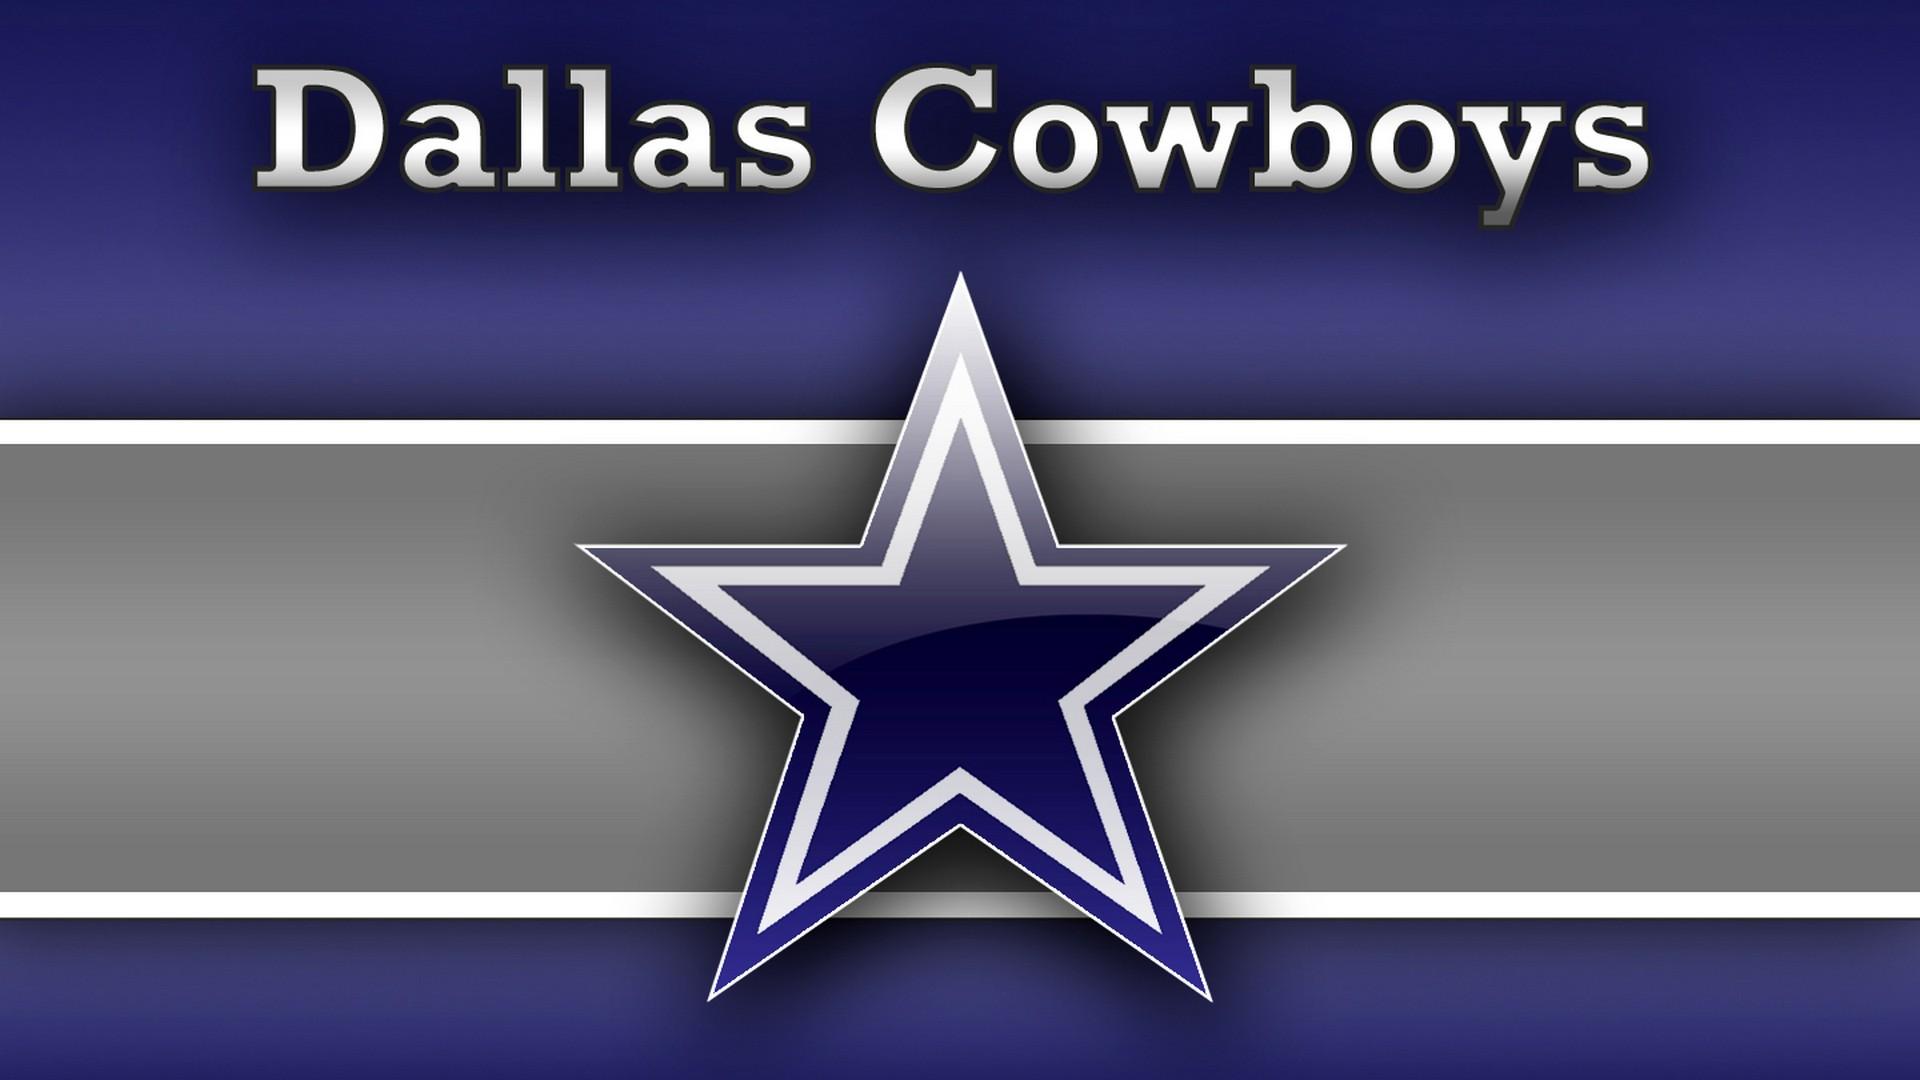 Dallas Cowboys Wallpaper Hd - Dallas Cowboys Wallpaper 2019 Hd - HD Wallpaper